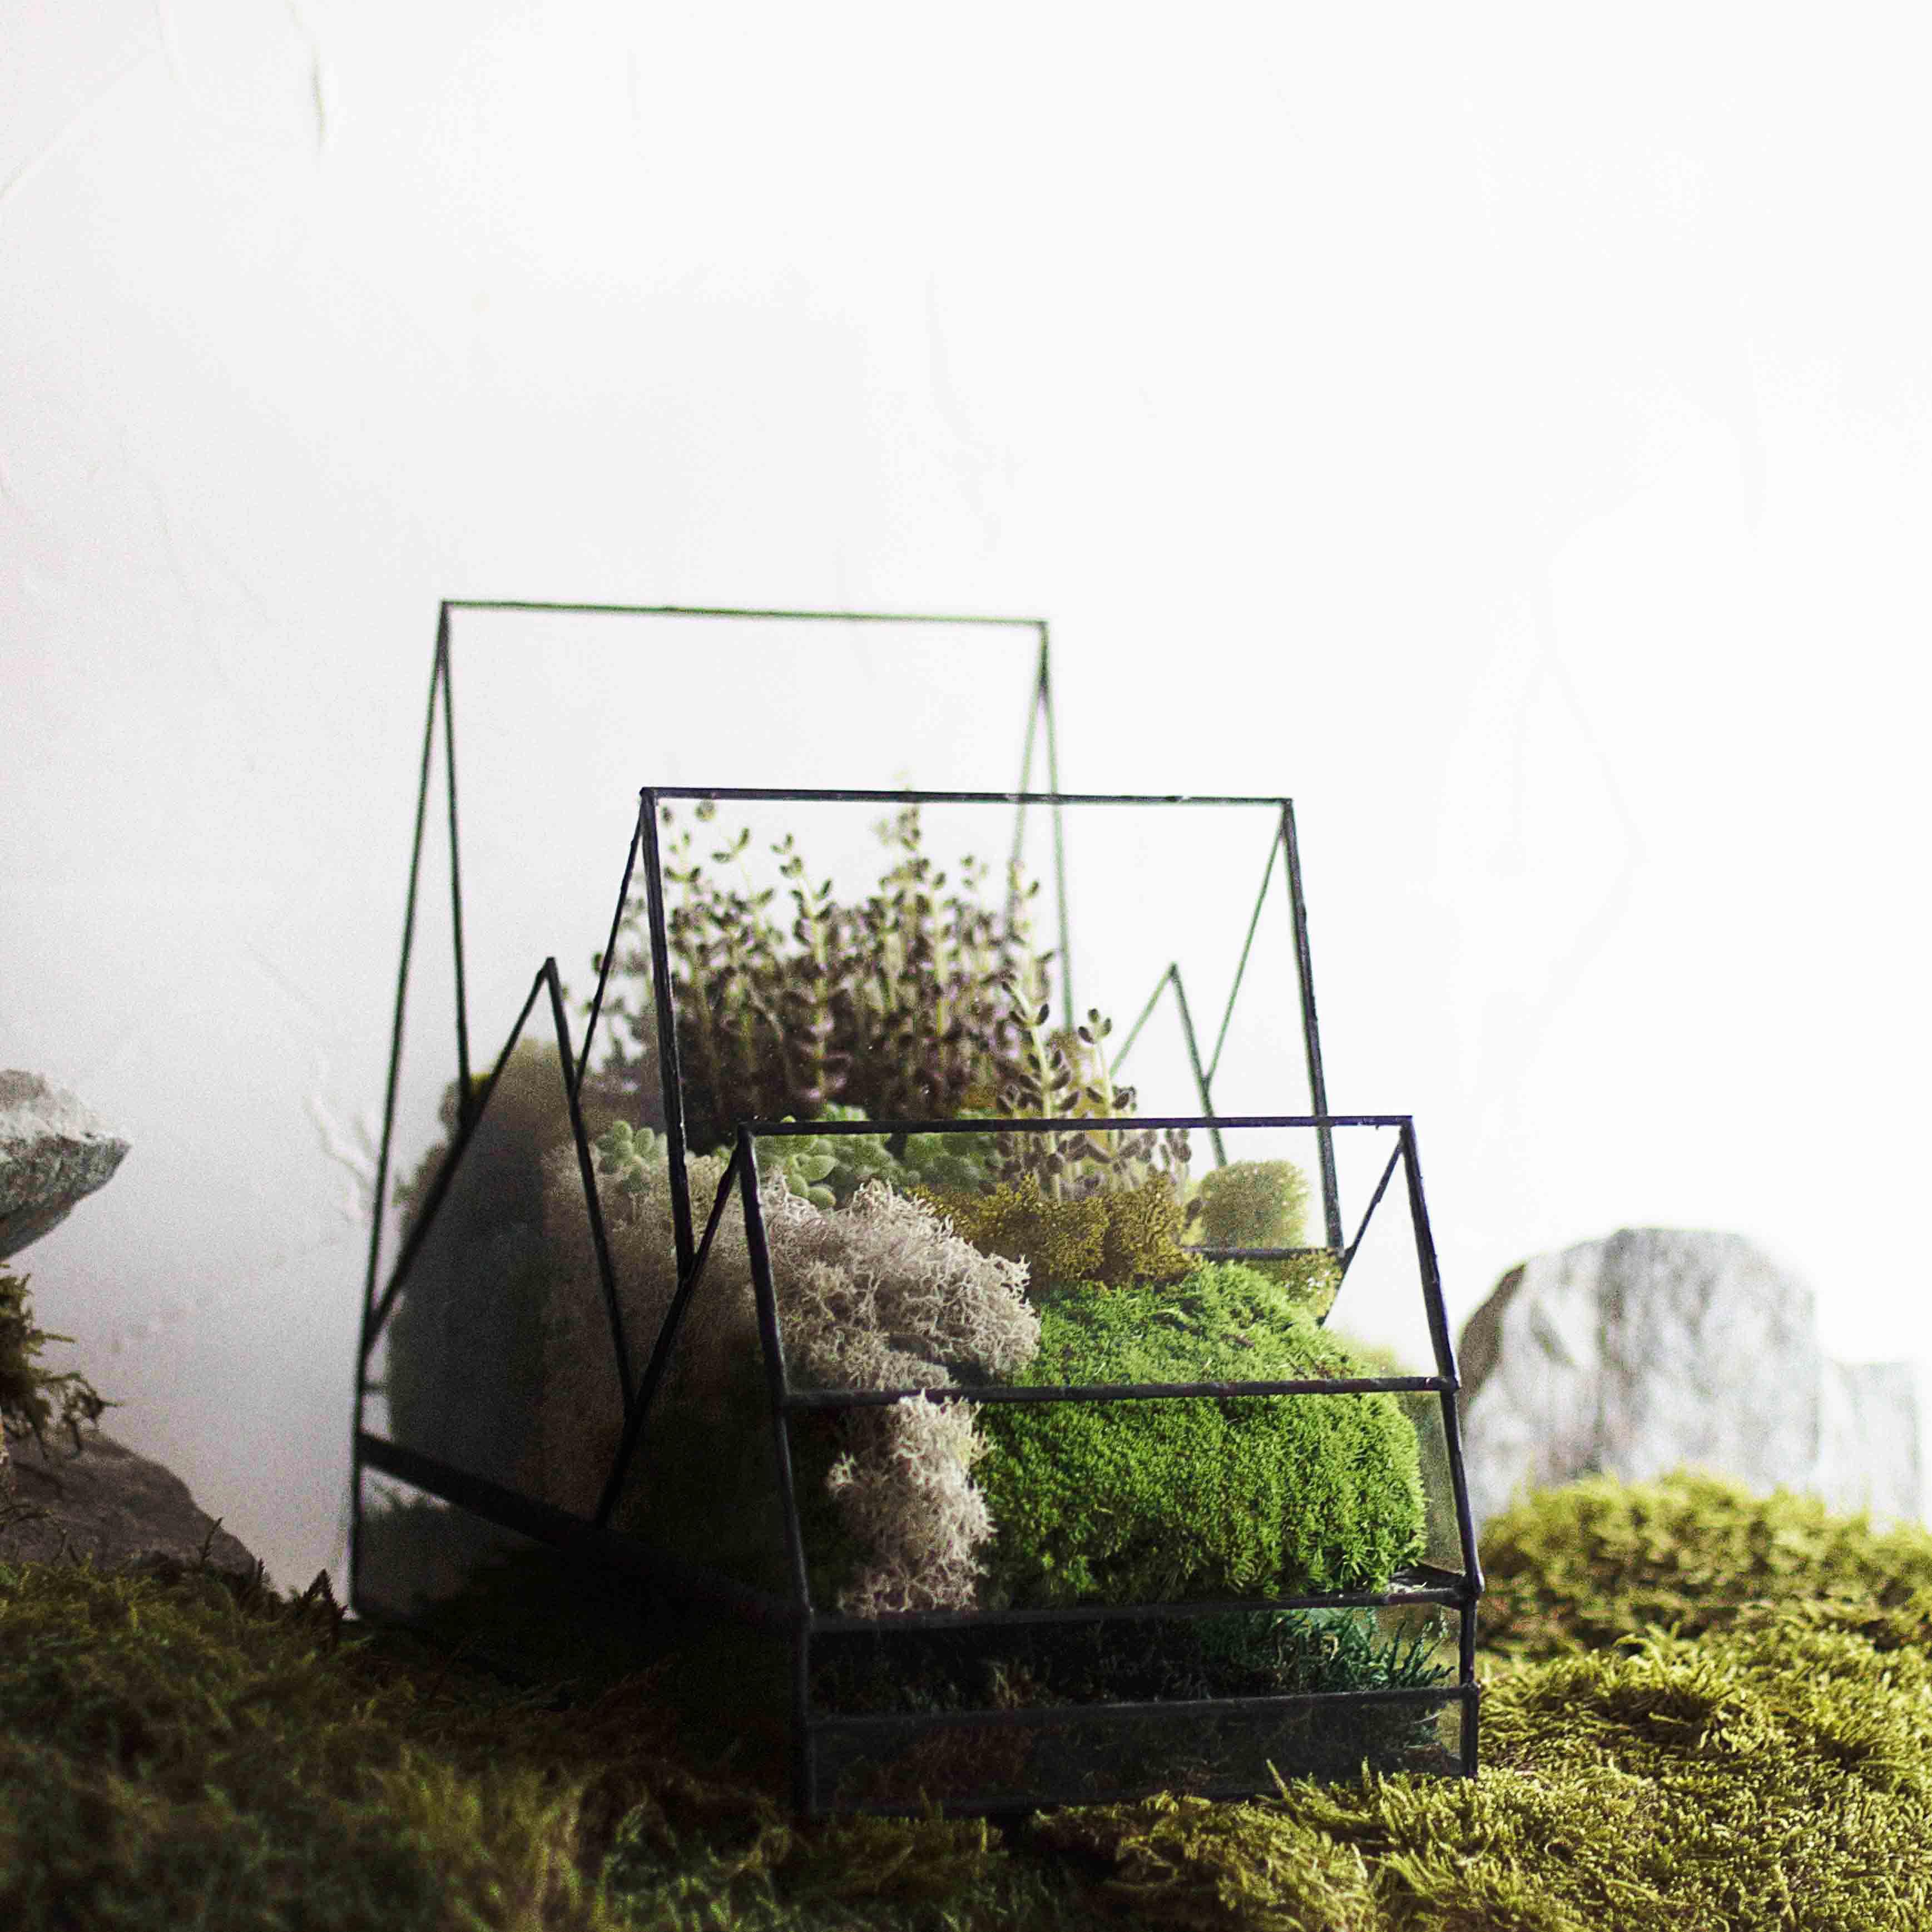 растения стекло подарок флорариум светильник ночник лампа свет геометрия gift florarium plant glass geometric